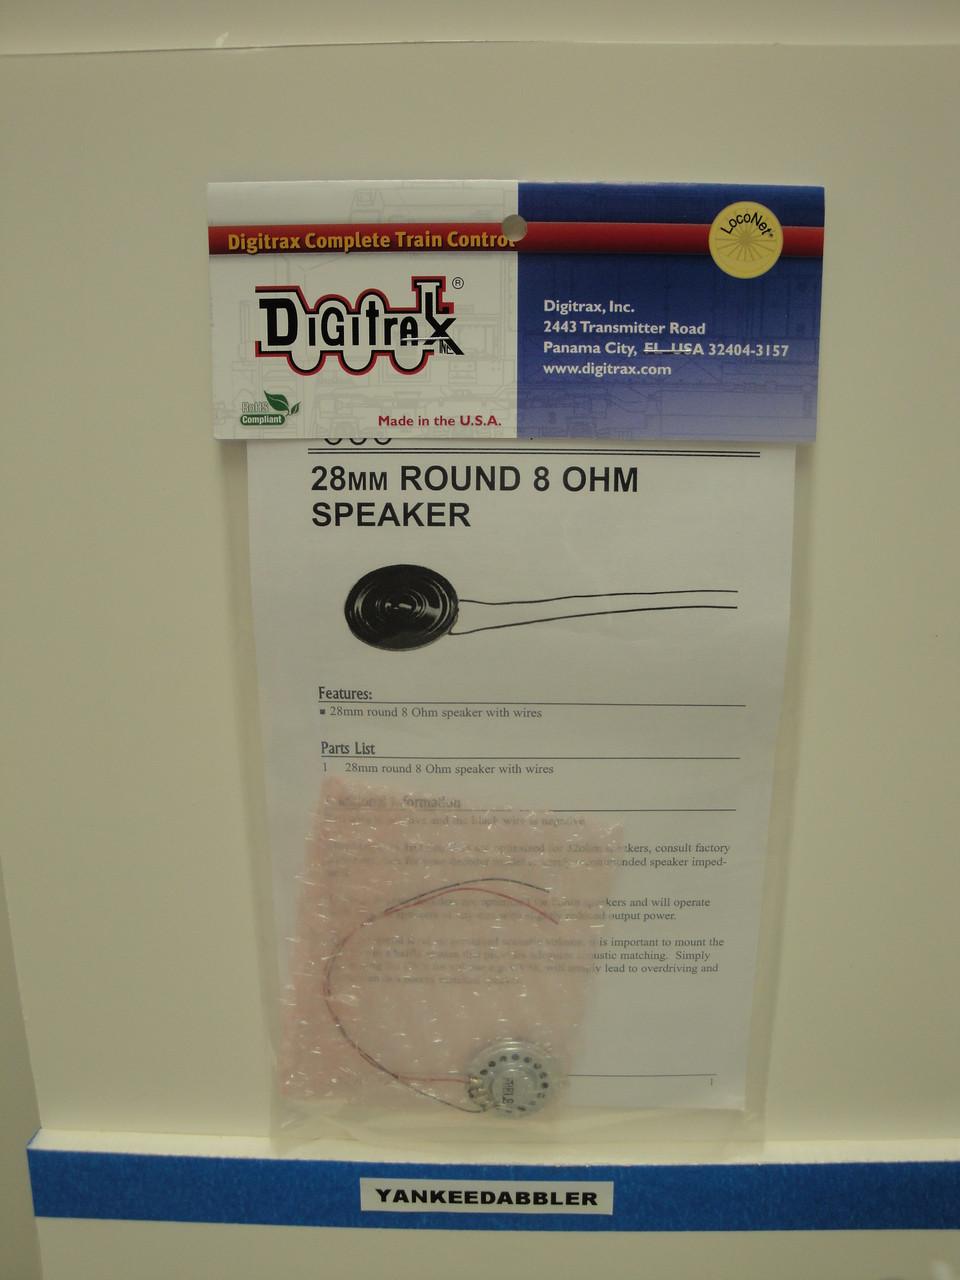 medium resolution of sp28288 digitrax speaker w wire round 8ohm scale all part